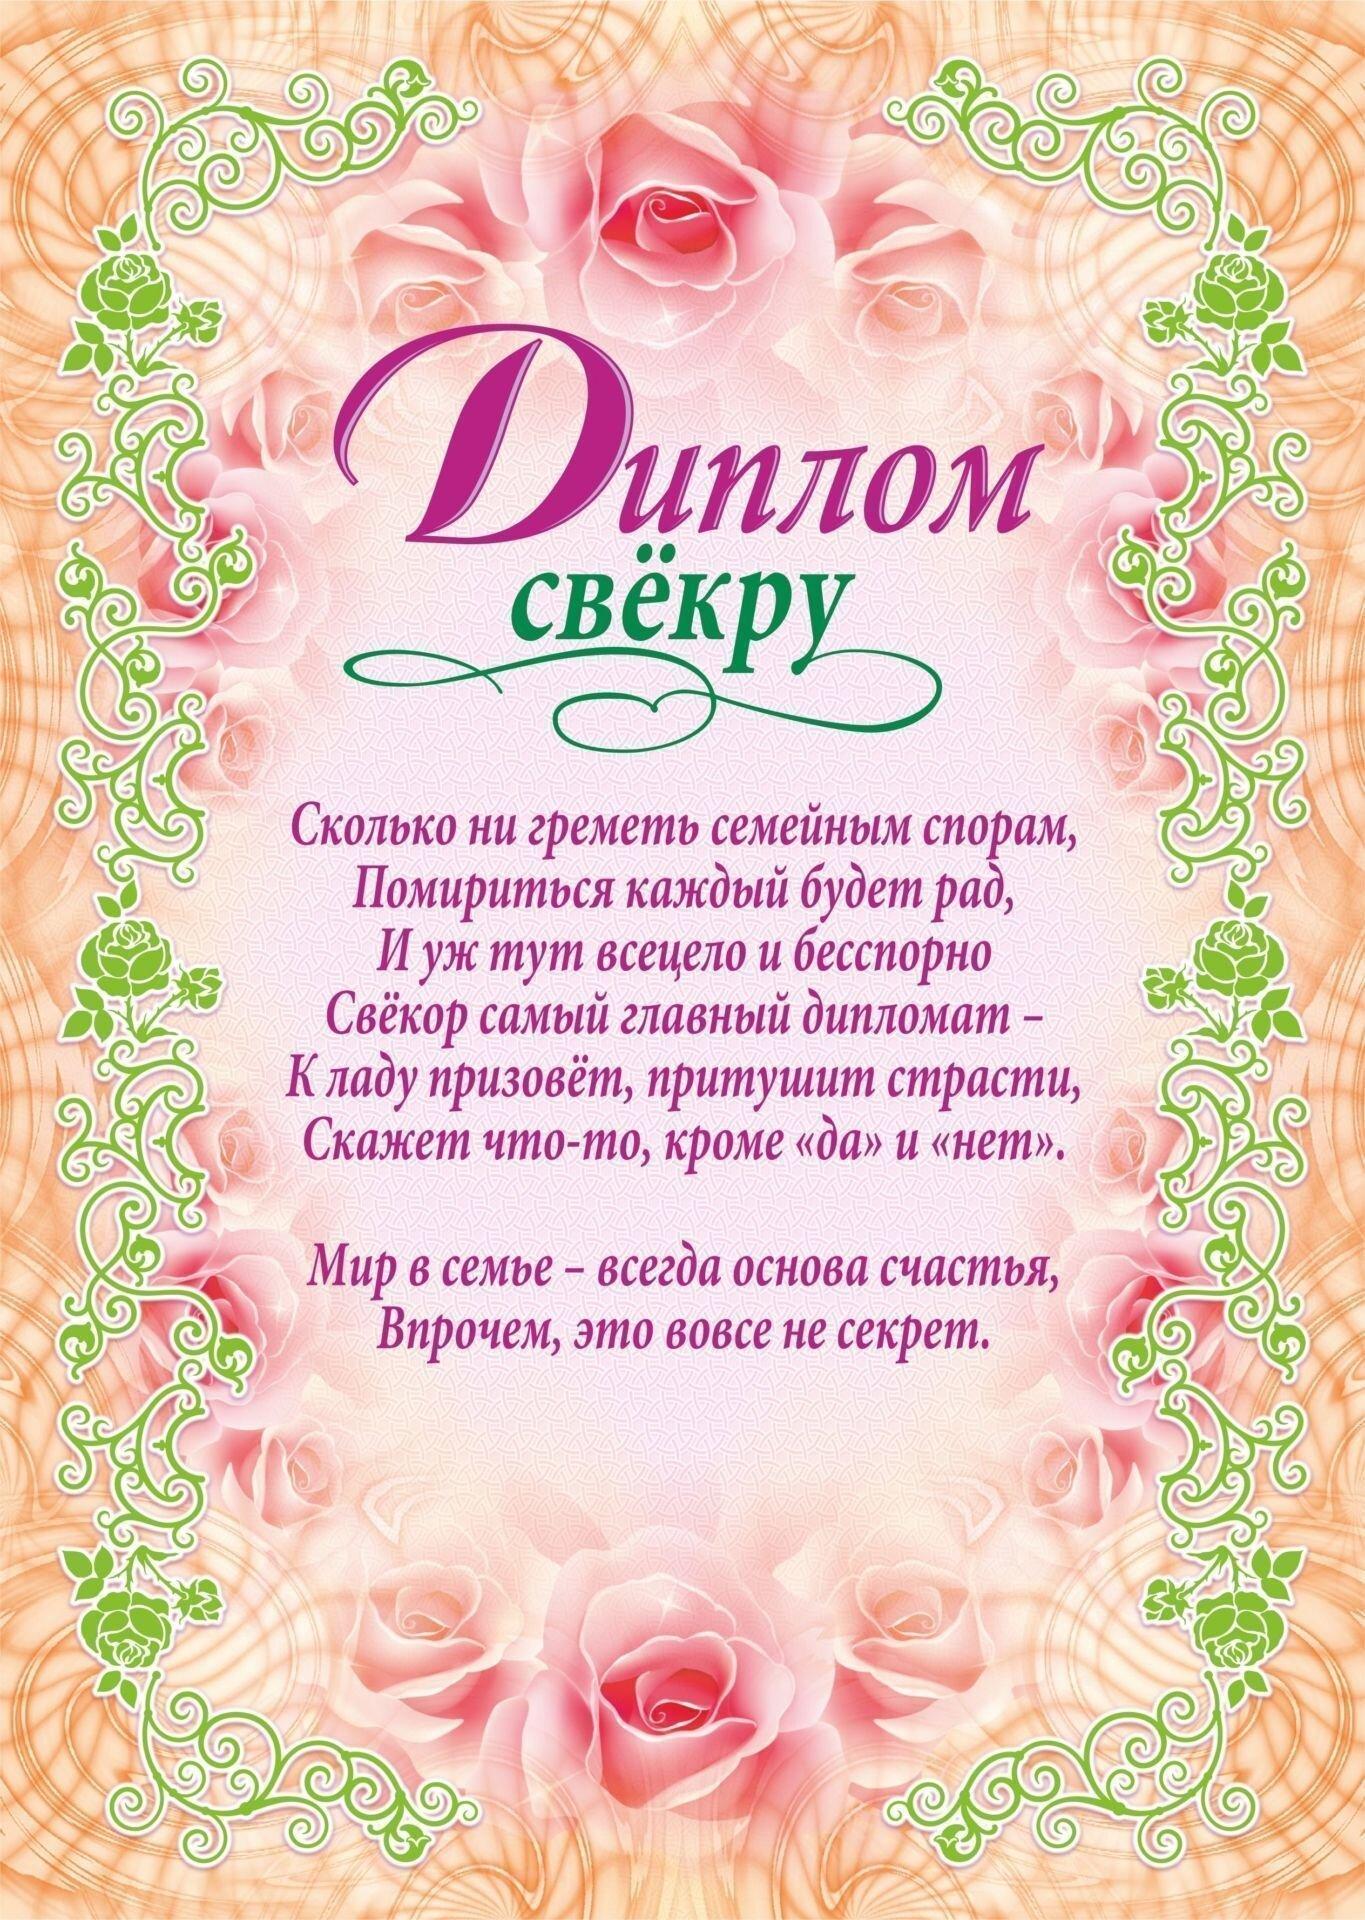 Печать грамот и дипломов свекру в Москве   фото 8